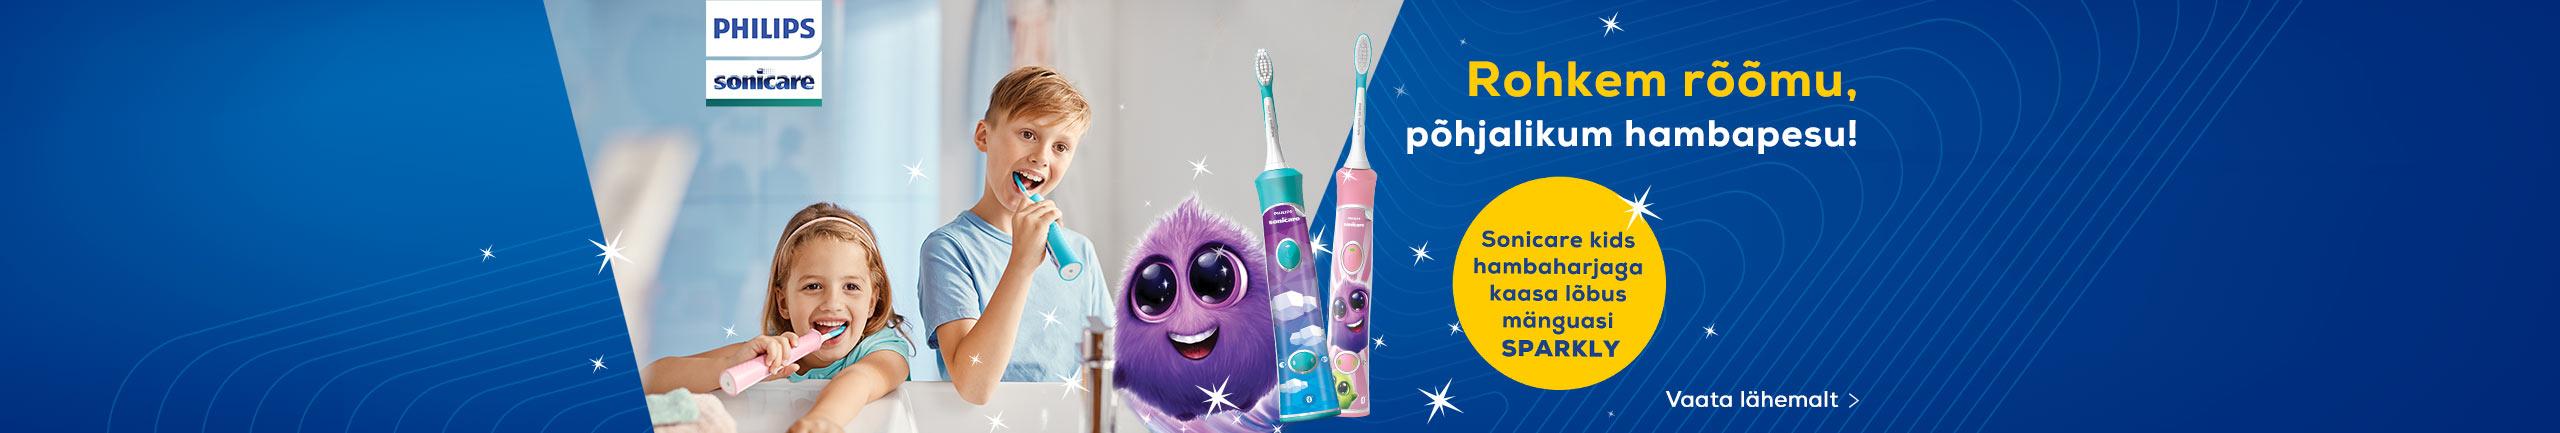 Sonicare kids hambaharjaga kaasa lõbus mänguasi Sparkly